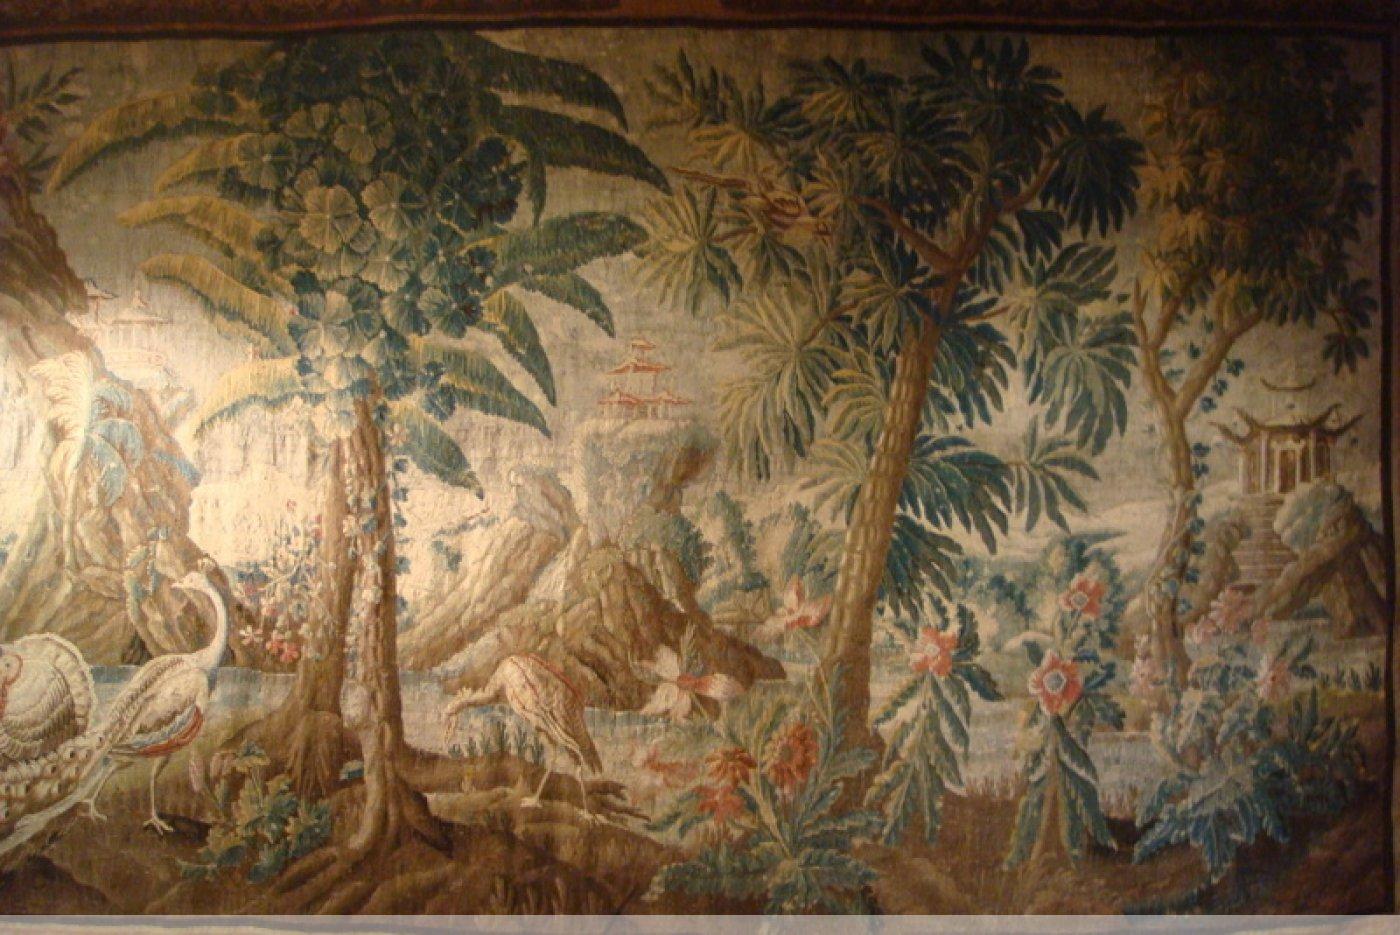 Grande tapisserie d 39 aubusson d 39 apr s pillement xviiie si cle - Tapisserie murale ancienne ...